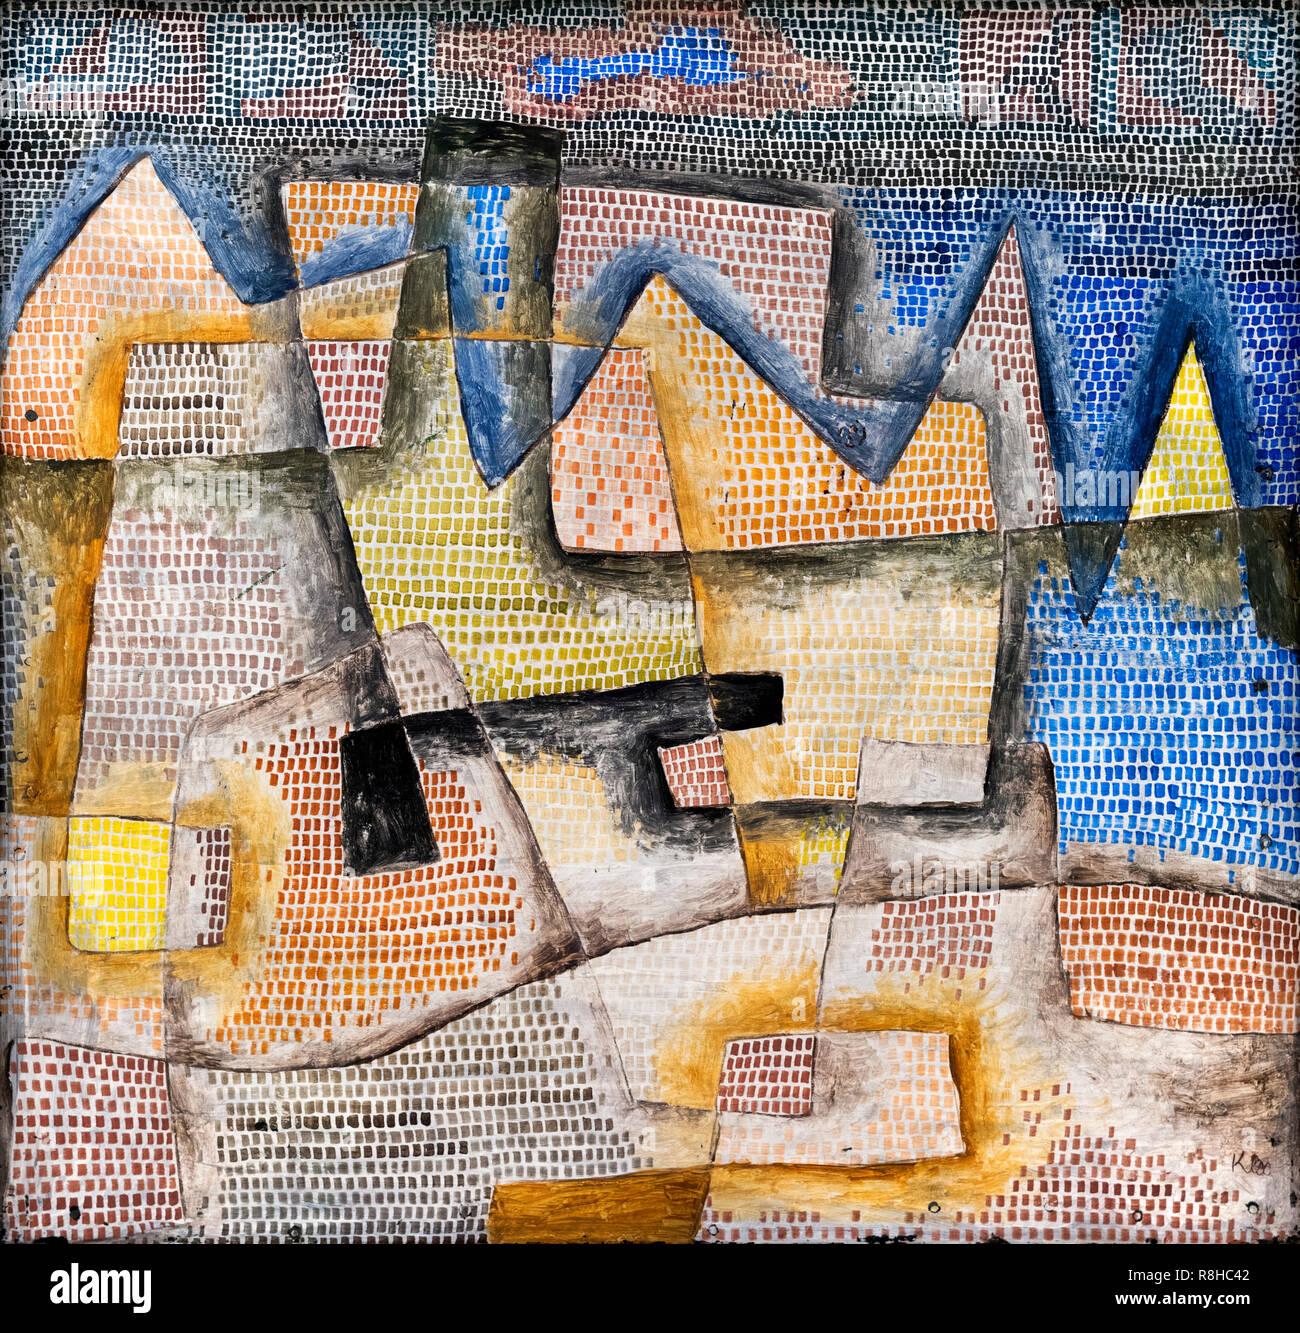 Costa rocciosa di Paul Klee (1879-1940), olio su legno compensato, 1931 Immagini Stock